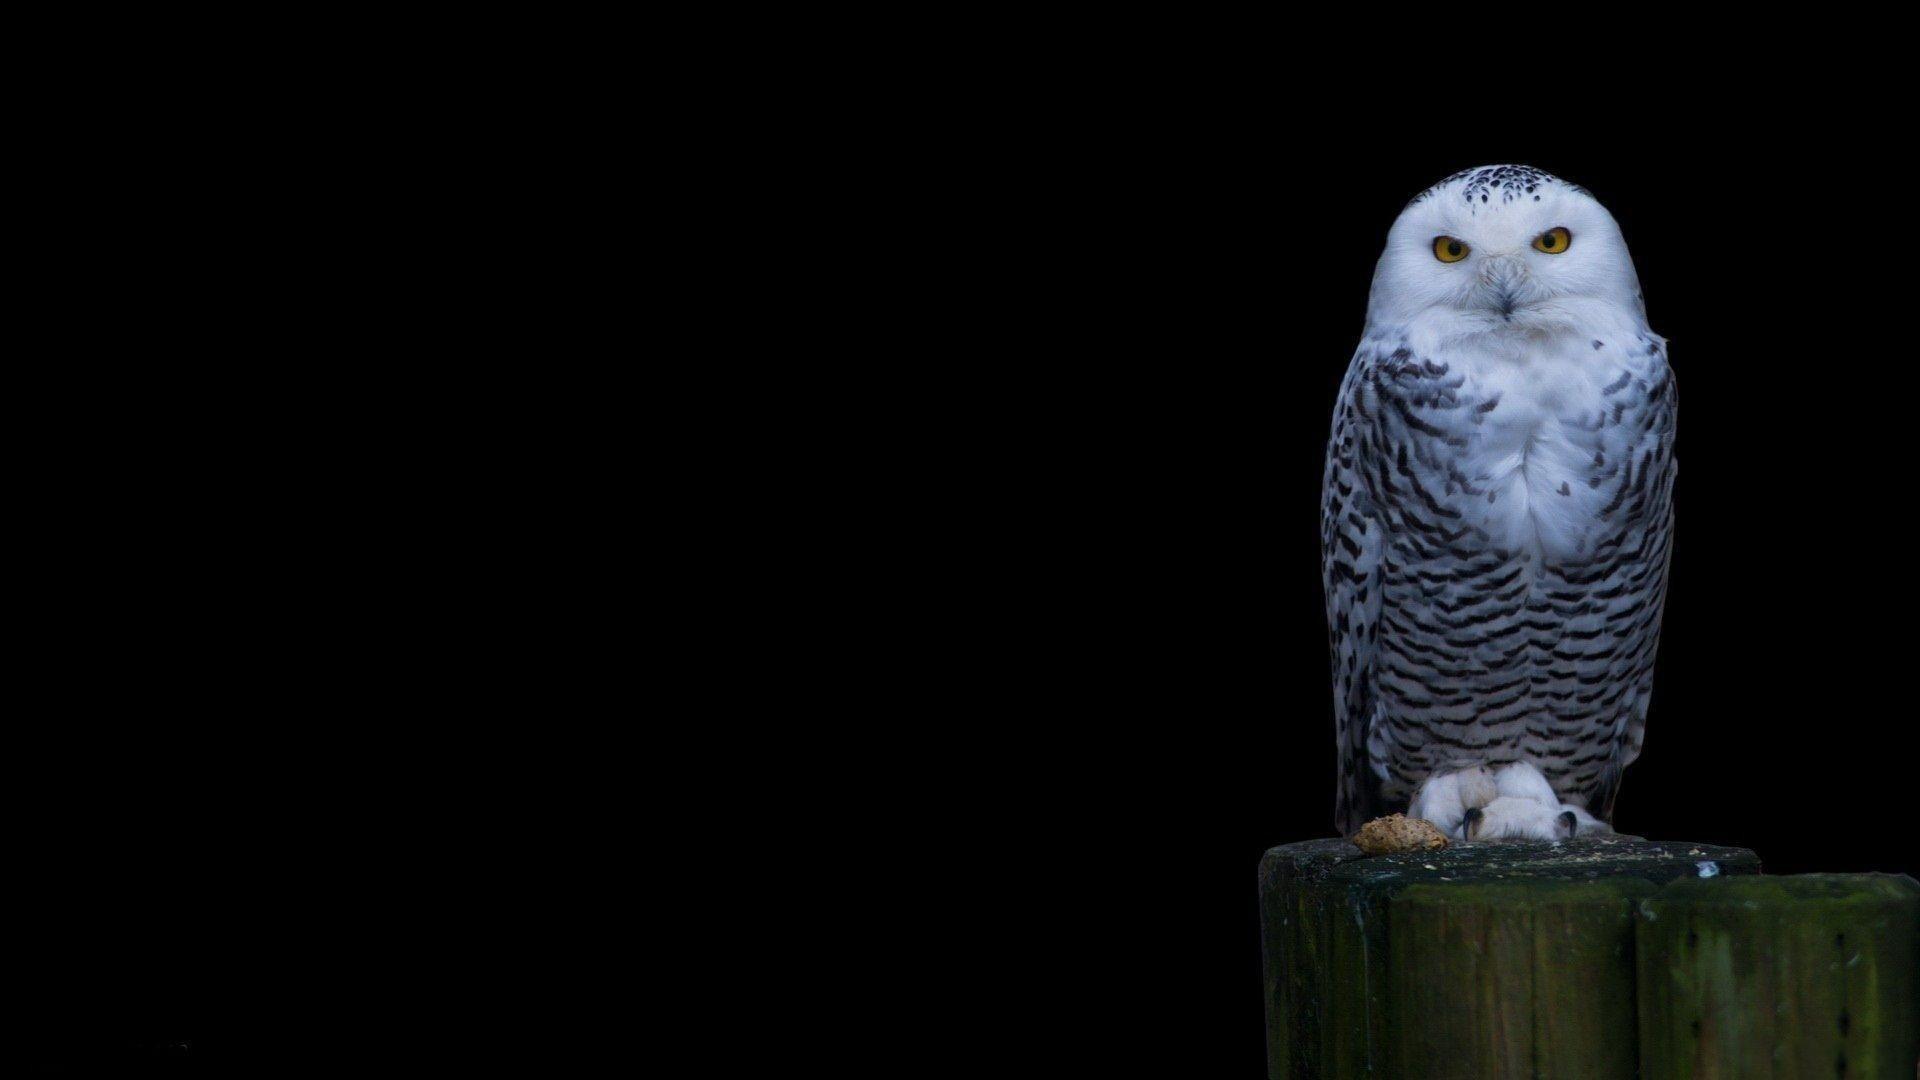 Snowy Owl Wallpaper Free Wallpapers Hd Desktop Backgrounds .